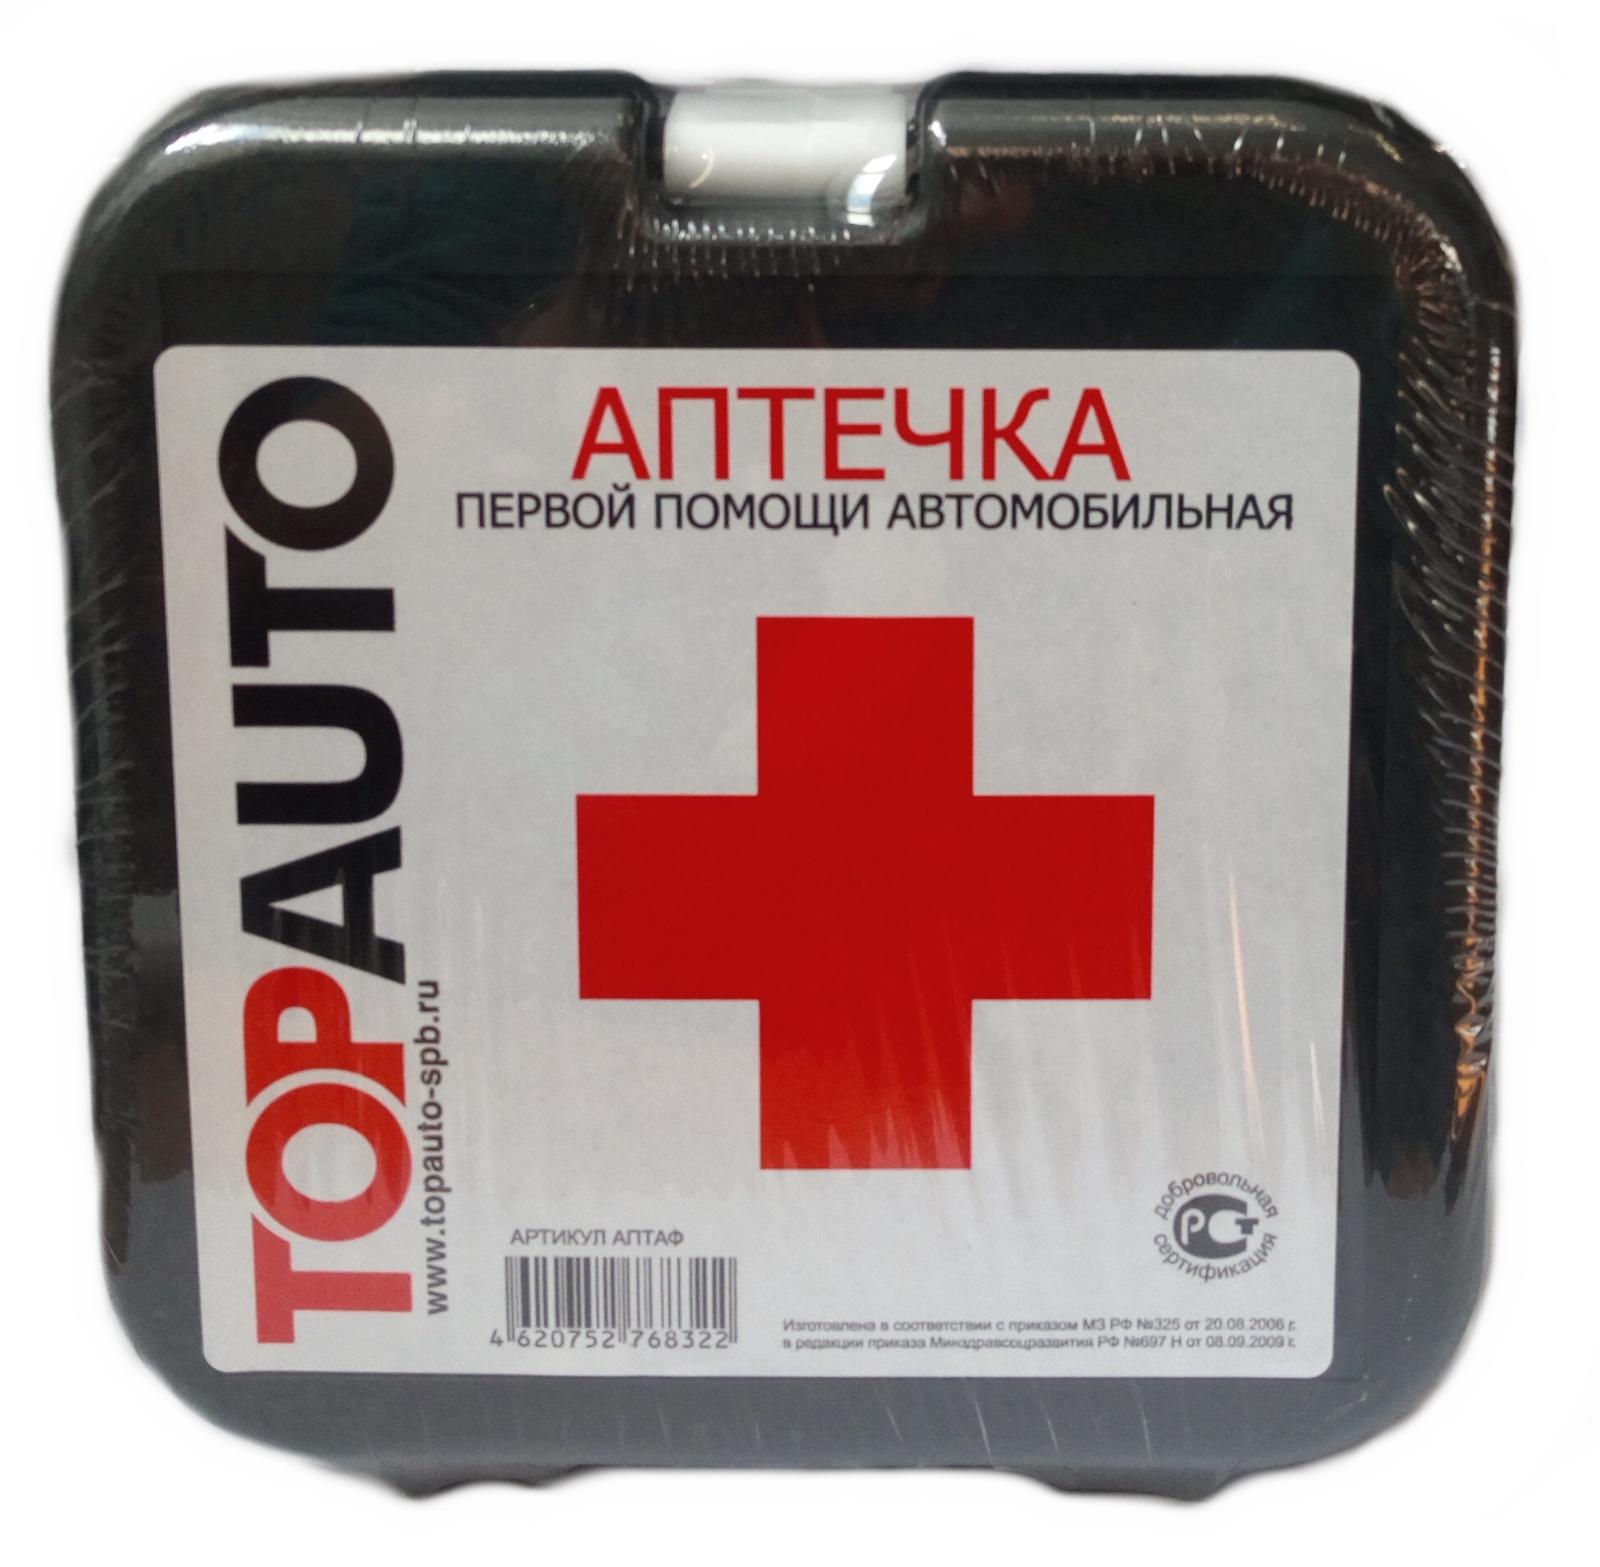 Фото - Аптечка автомобильная TOPAUTO, по Приказу, в пластиковом футляре аптечка автомобильная ам в мягкой сумке расширенный состав